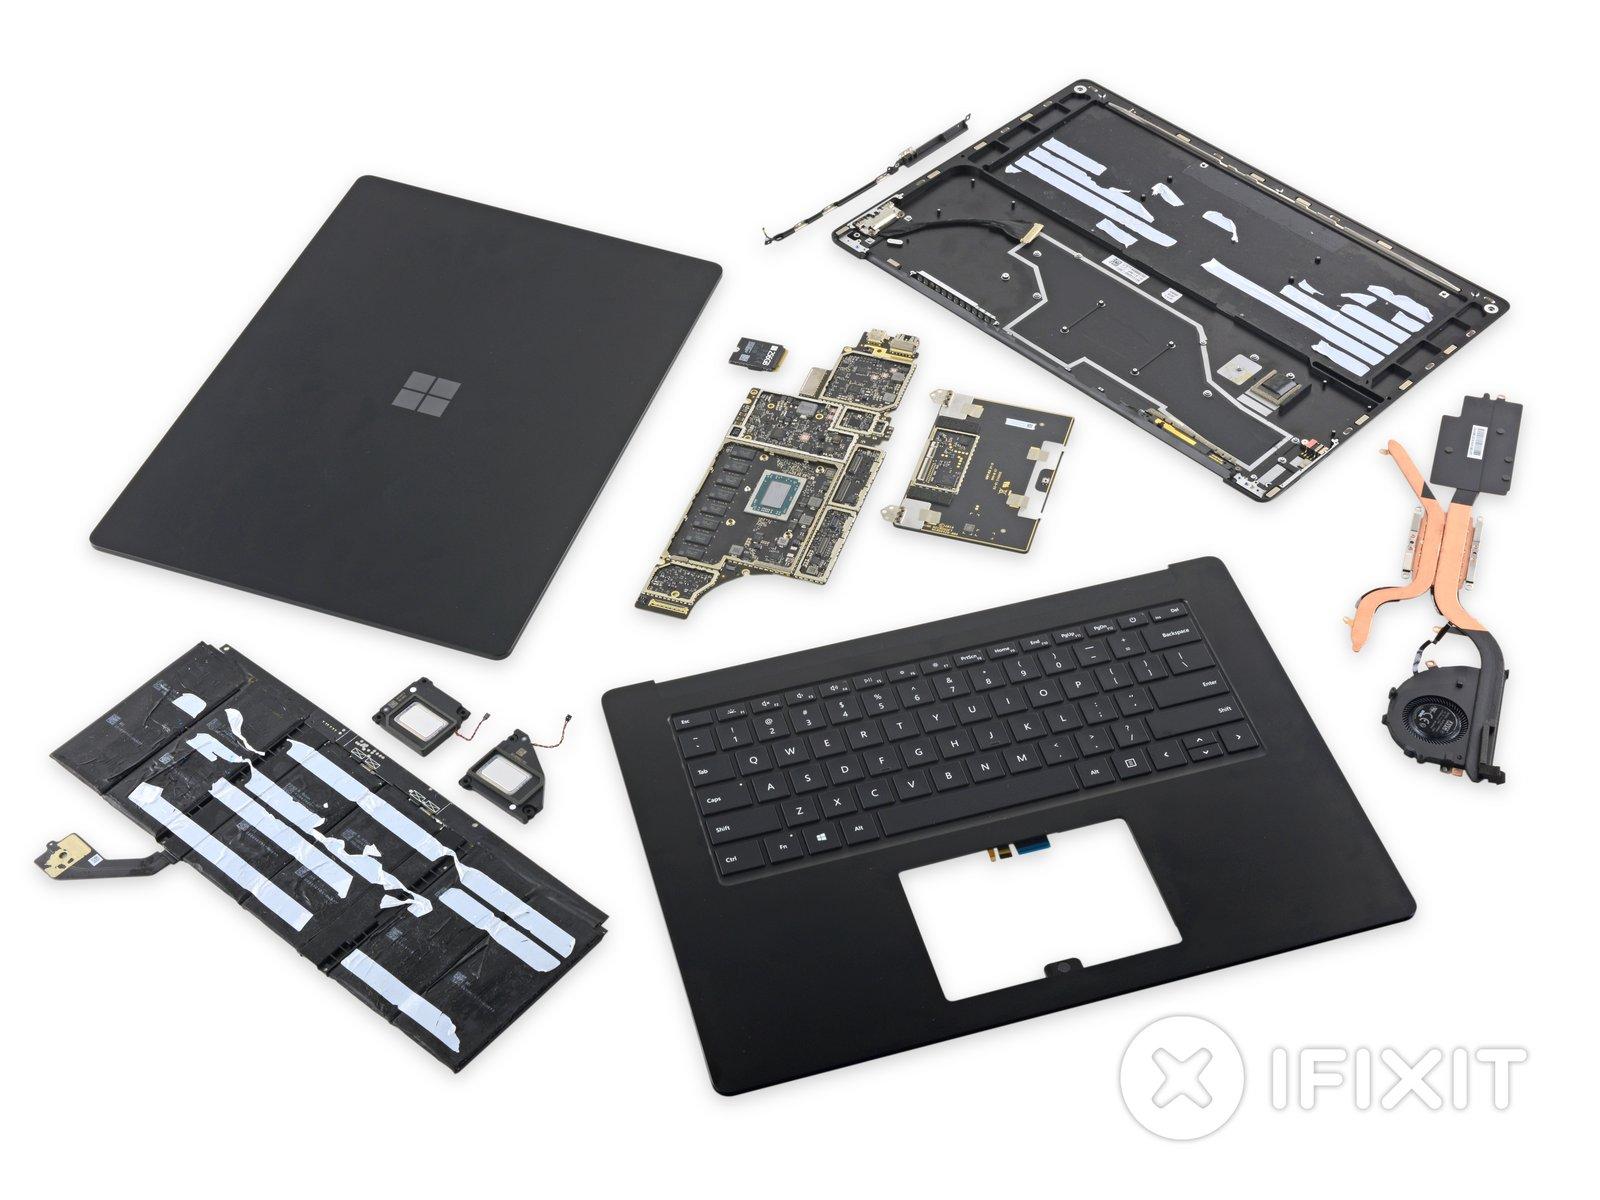 Ngay cả đứa trẻ giờ đây cũng có thể mở chiếc laptop Surface Laptop 3 của Microsoft